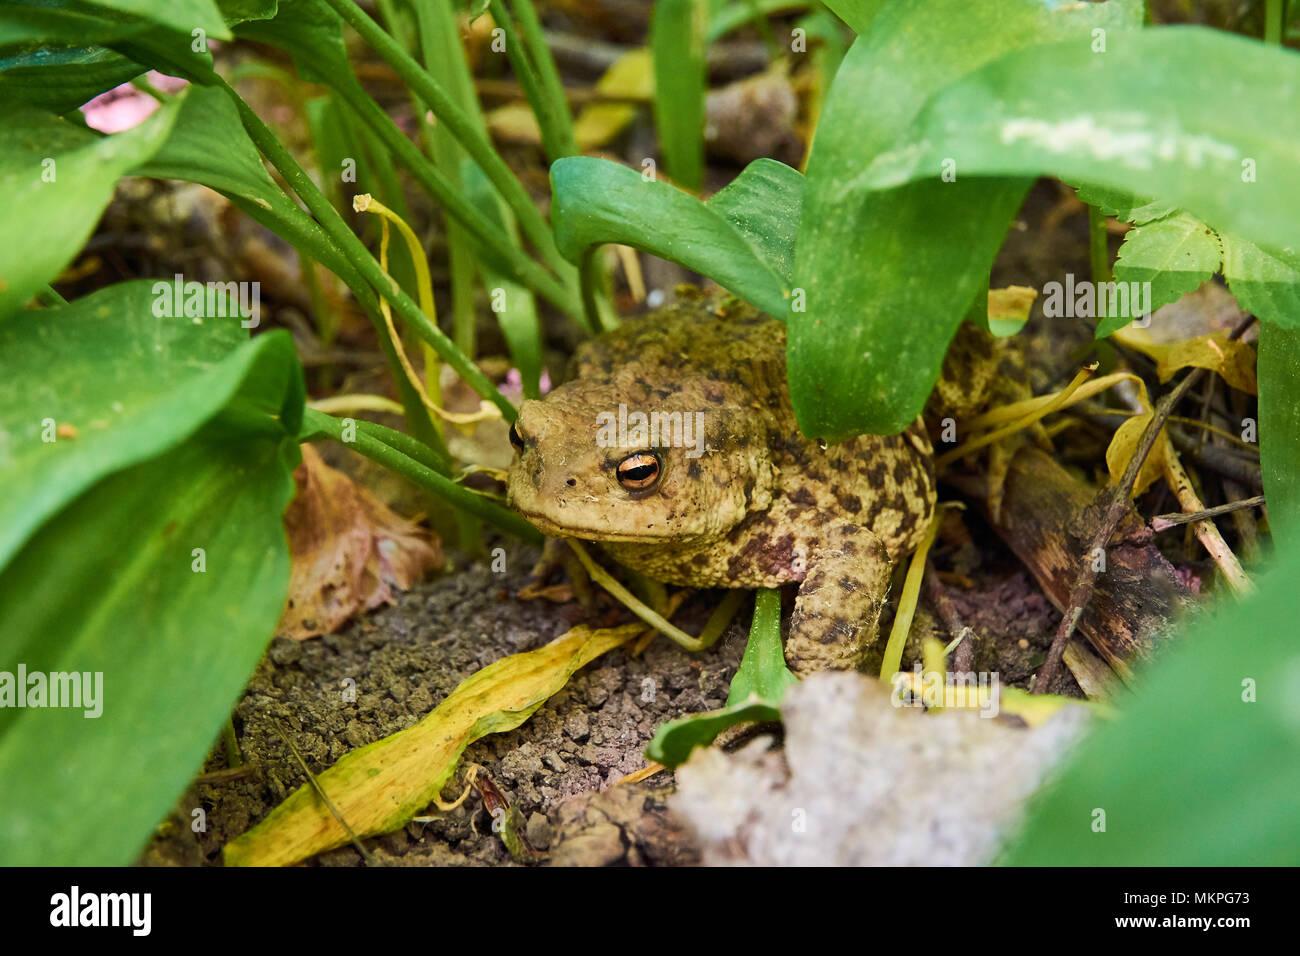 Toad seduta su argilla tra foglie verdi su una soleggiata giornata di primavera Immagini Stock